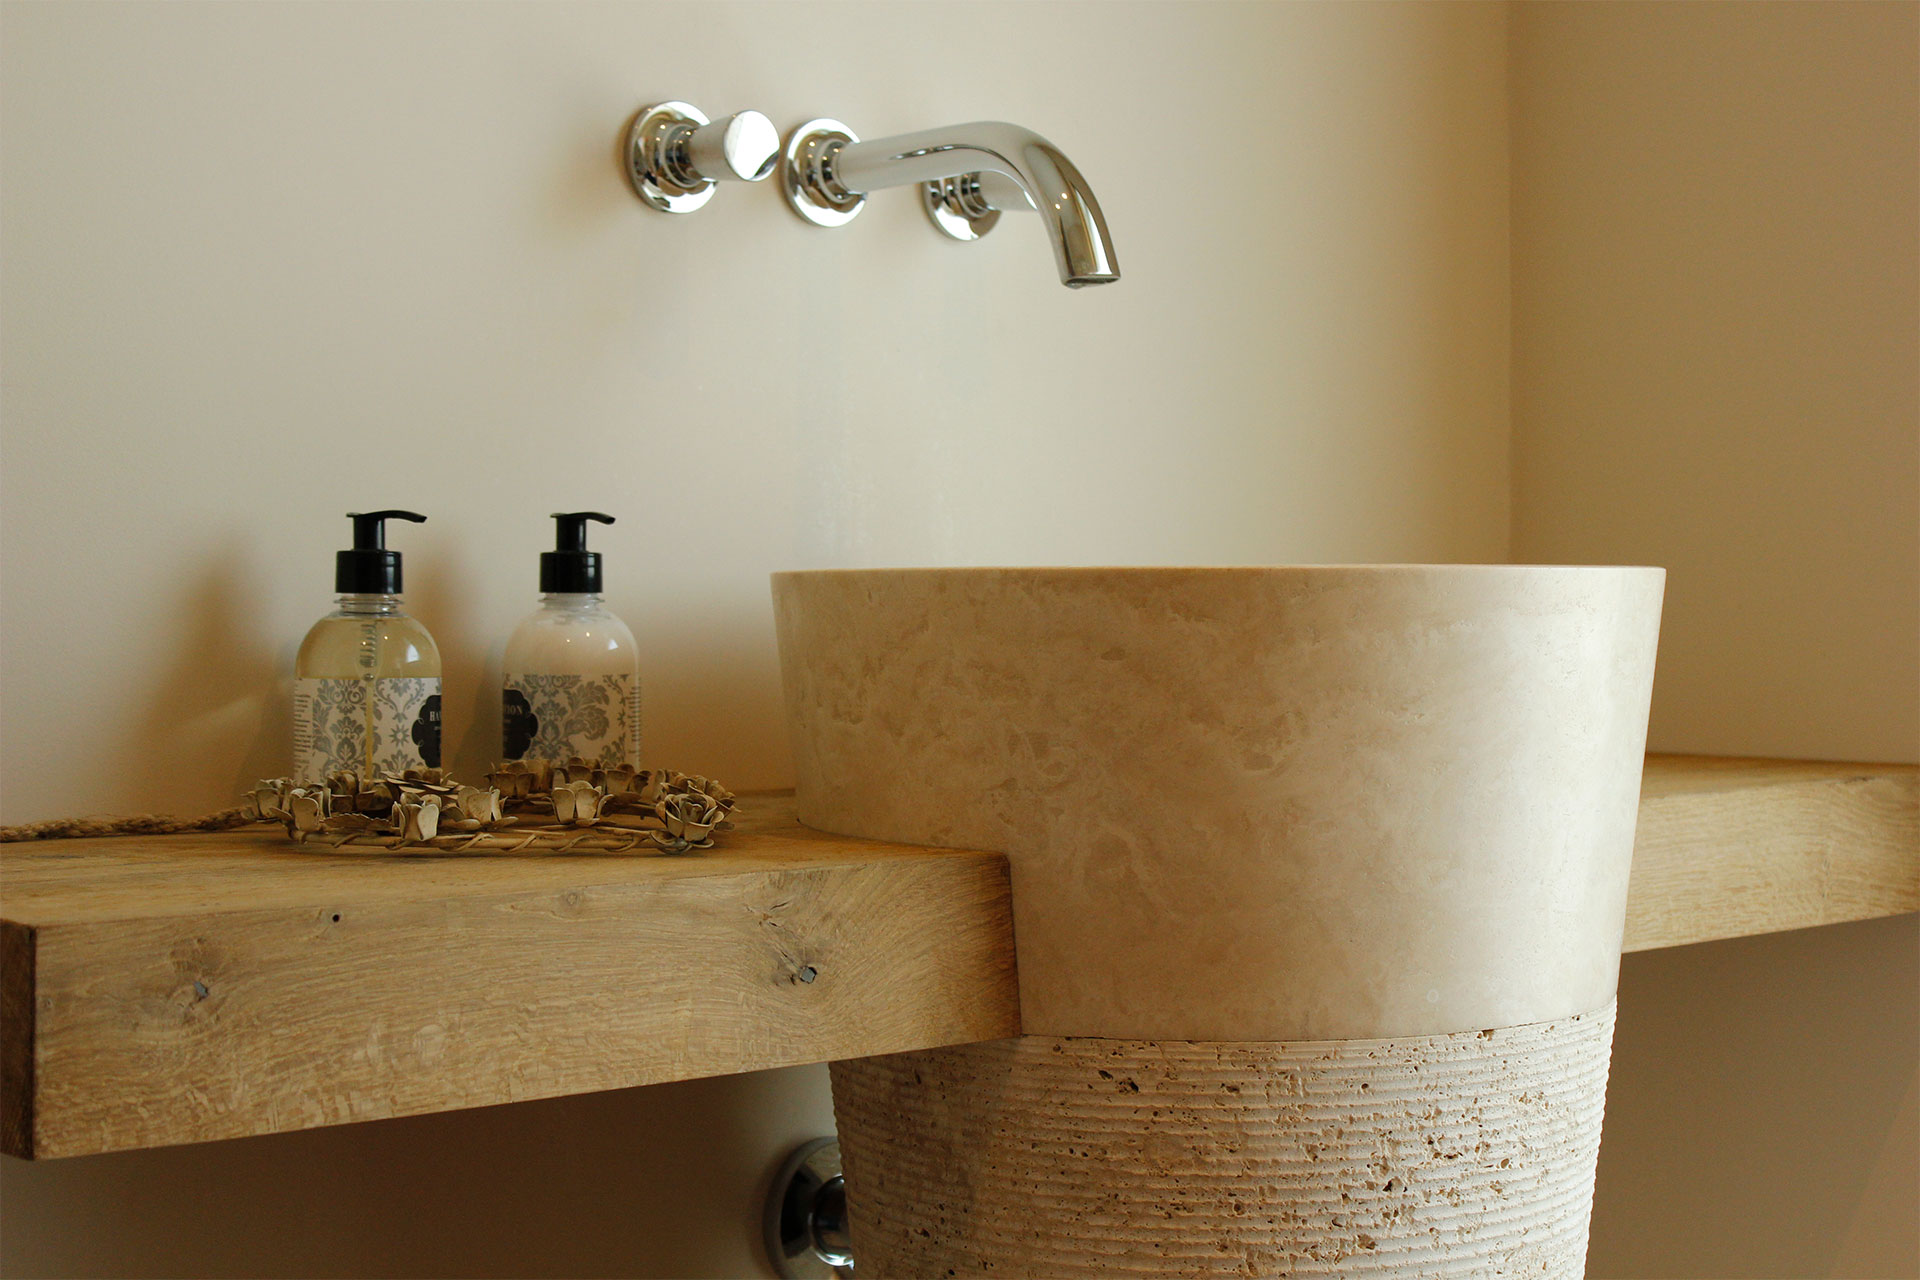 Tischlerei-Decker-Projekte-Wohnung-C-Badezimmer-Waschtisch